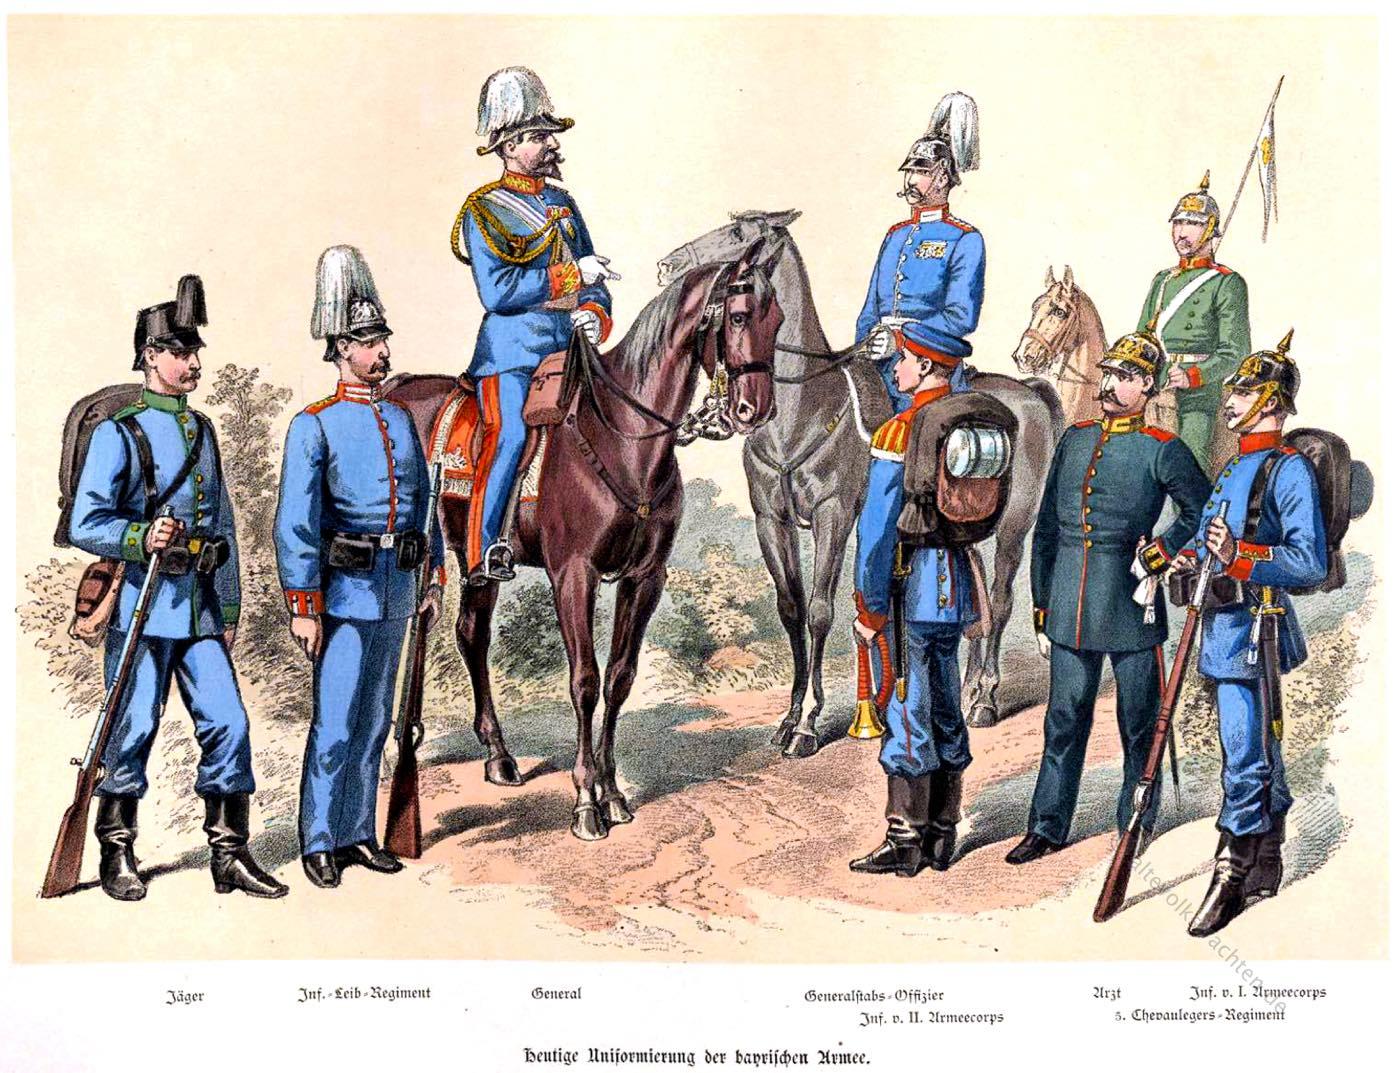 Bayern, Königreich, Bayerische Armee, Uniformen, Uniformierung, Militär